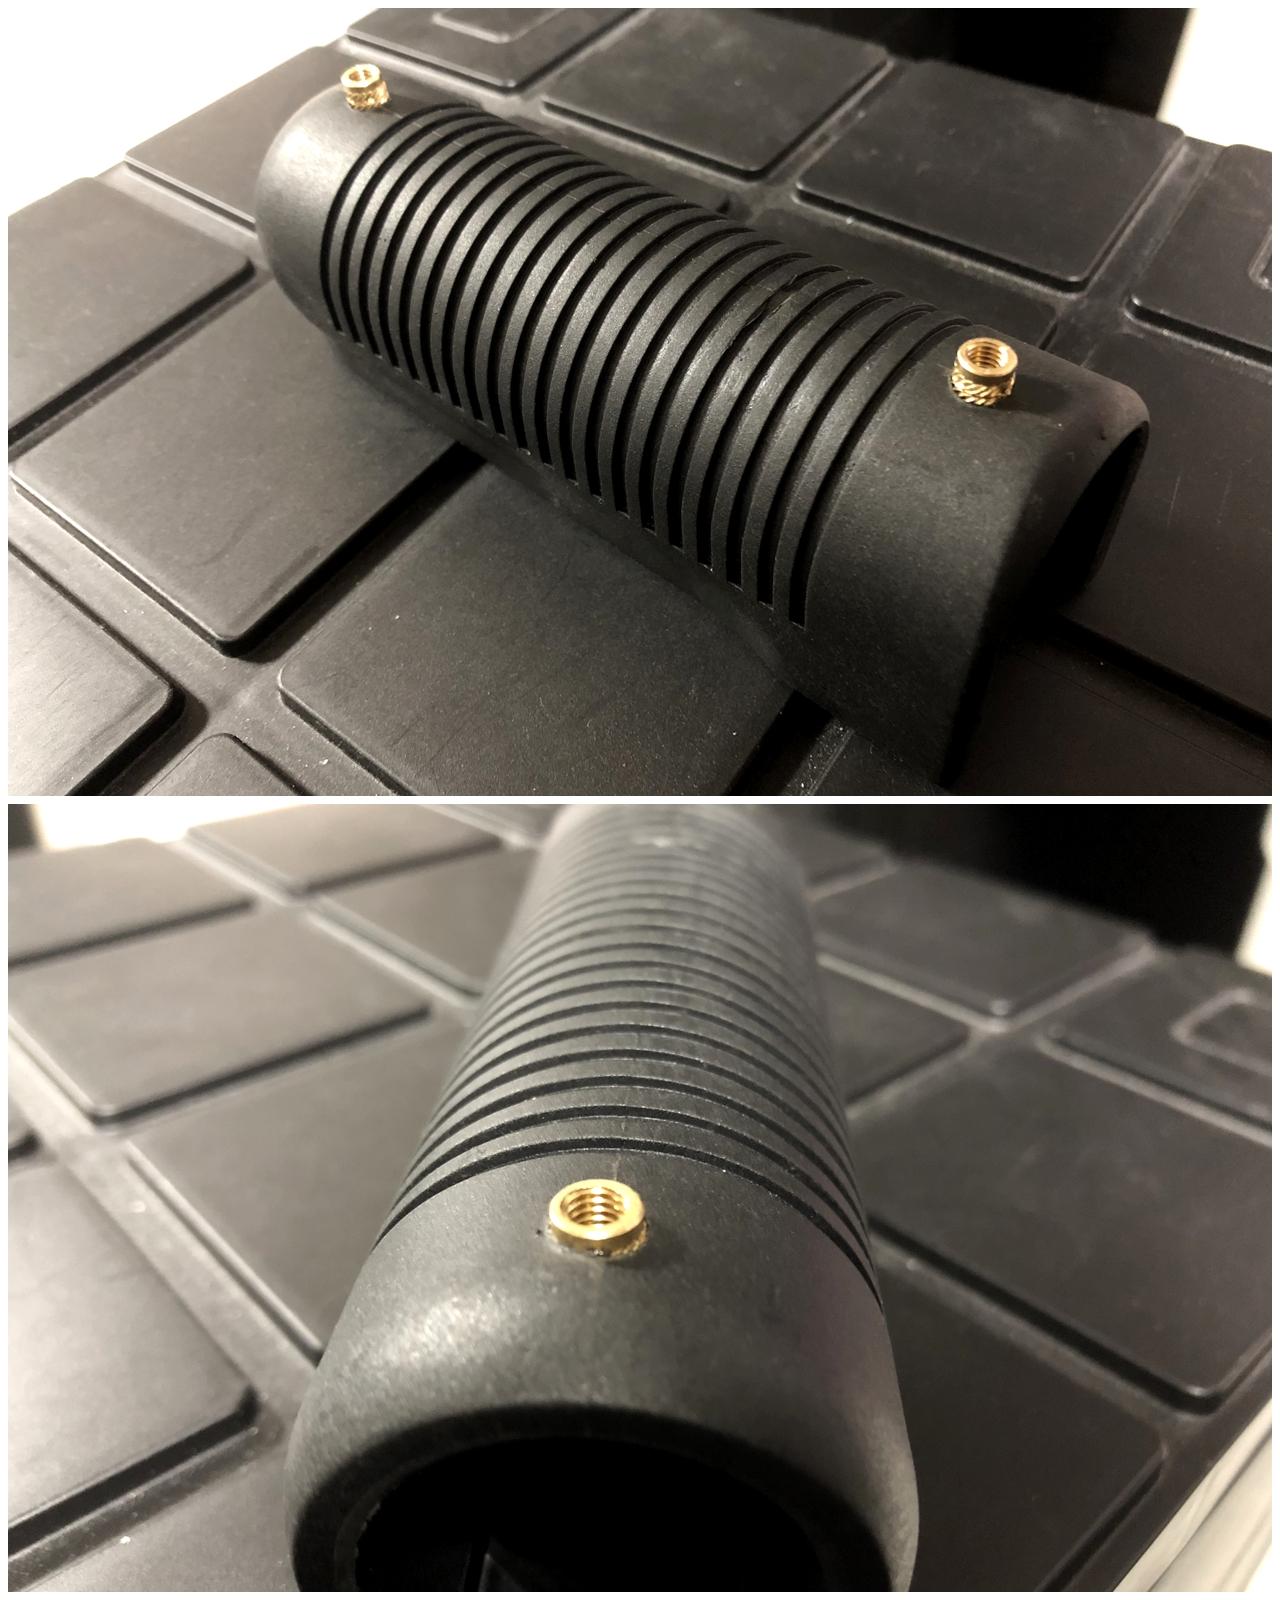 10 マルゼン CA870 フォアエンド カスタム DIY ORIGINAL RAPTOR STRAP KIT 870 FOREND オリジナル ストッパー バンド ベルト パット 加工 取付 結果 レビュー したるの巻